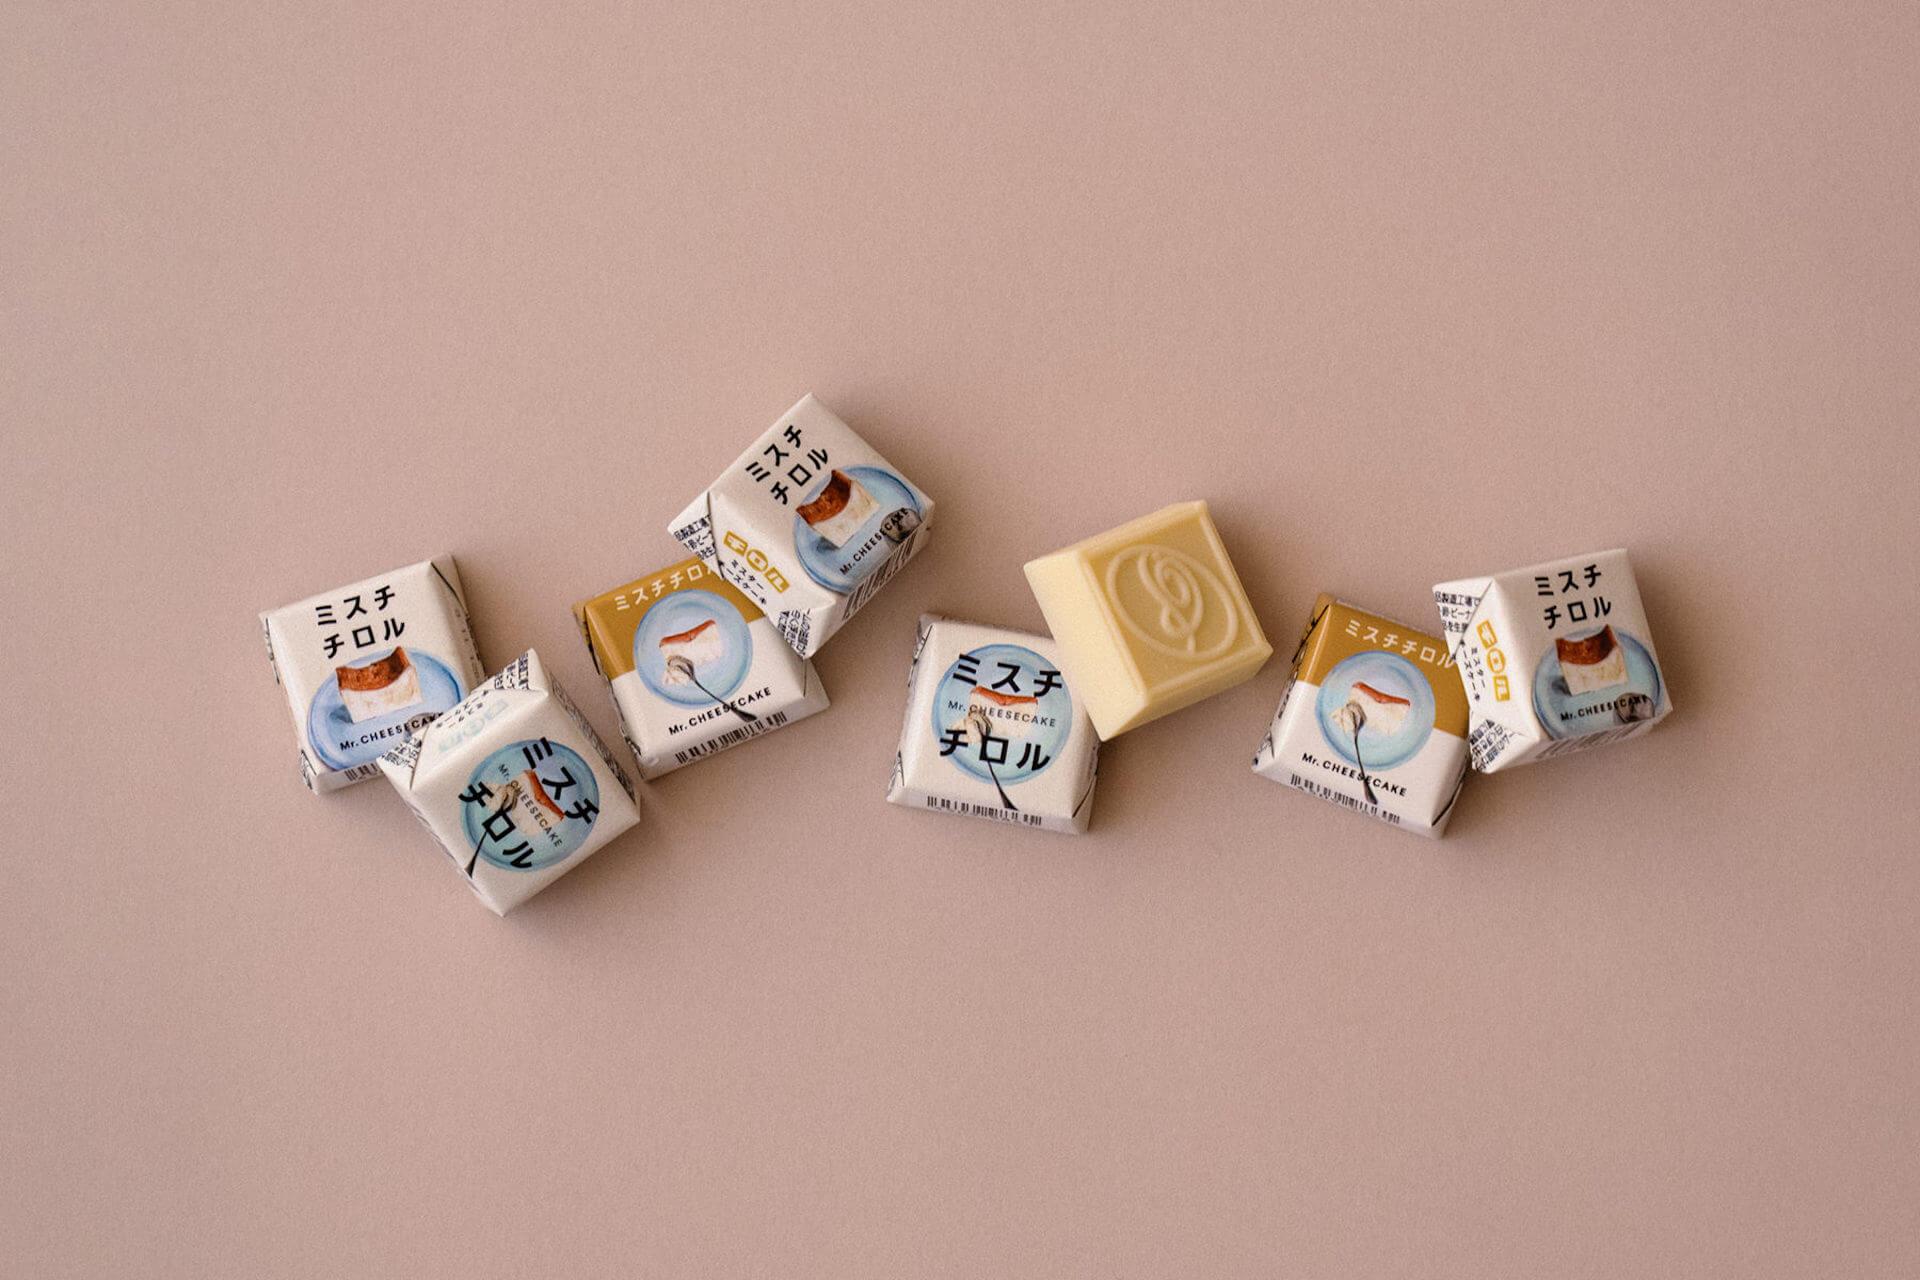 幻のチーズケーキMr. CHEESECAKEとチロルチョコが待望のコラボ!「人生最高のチーズケーキ」を再現したチロルチョコが数量限定で登場 gourmet201215_mecheesecake_chiroru_2